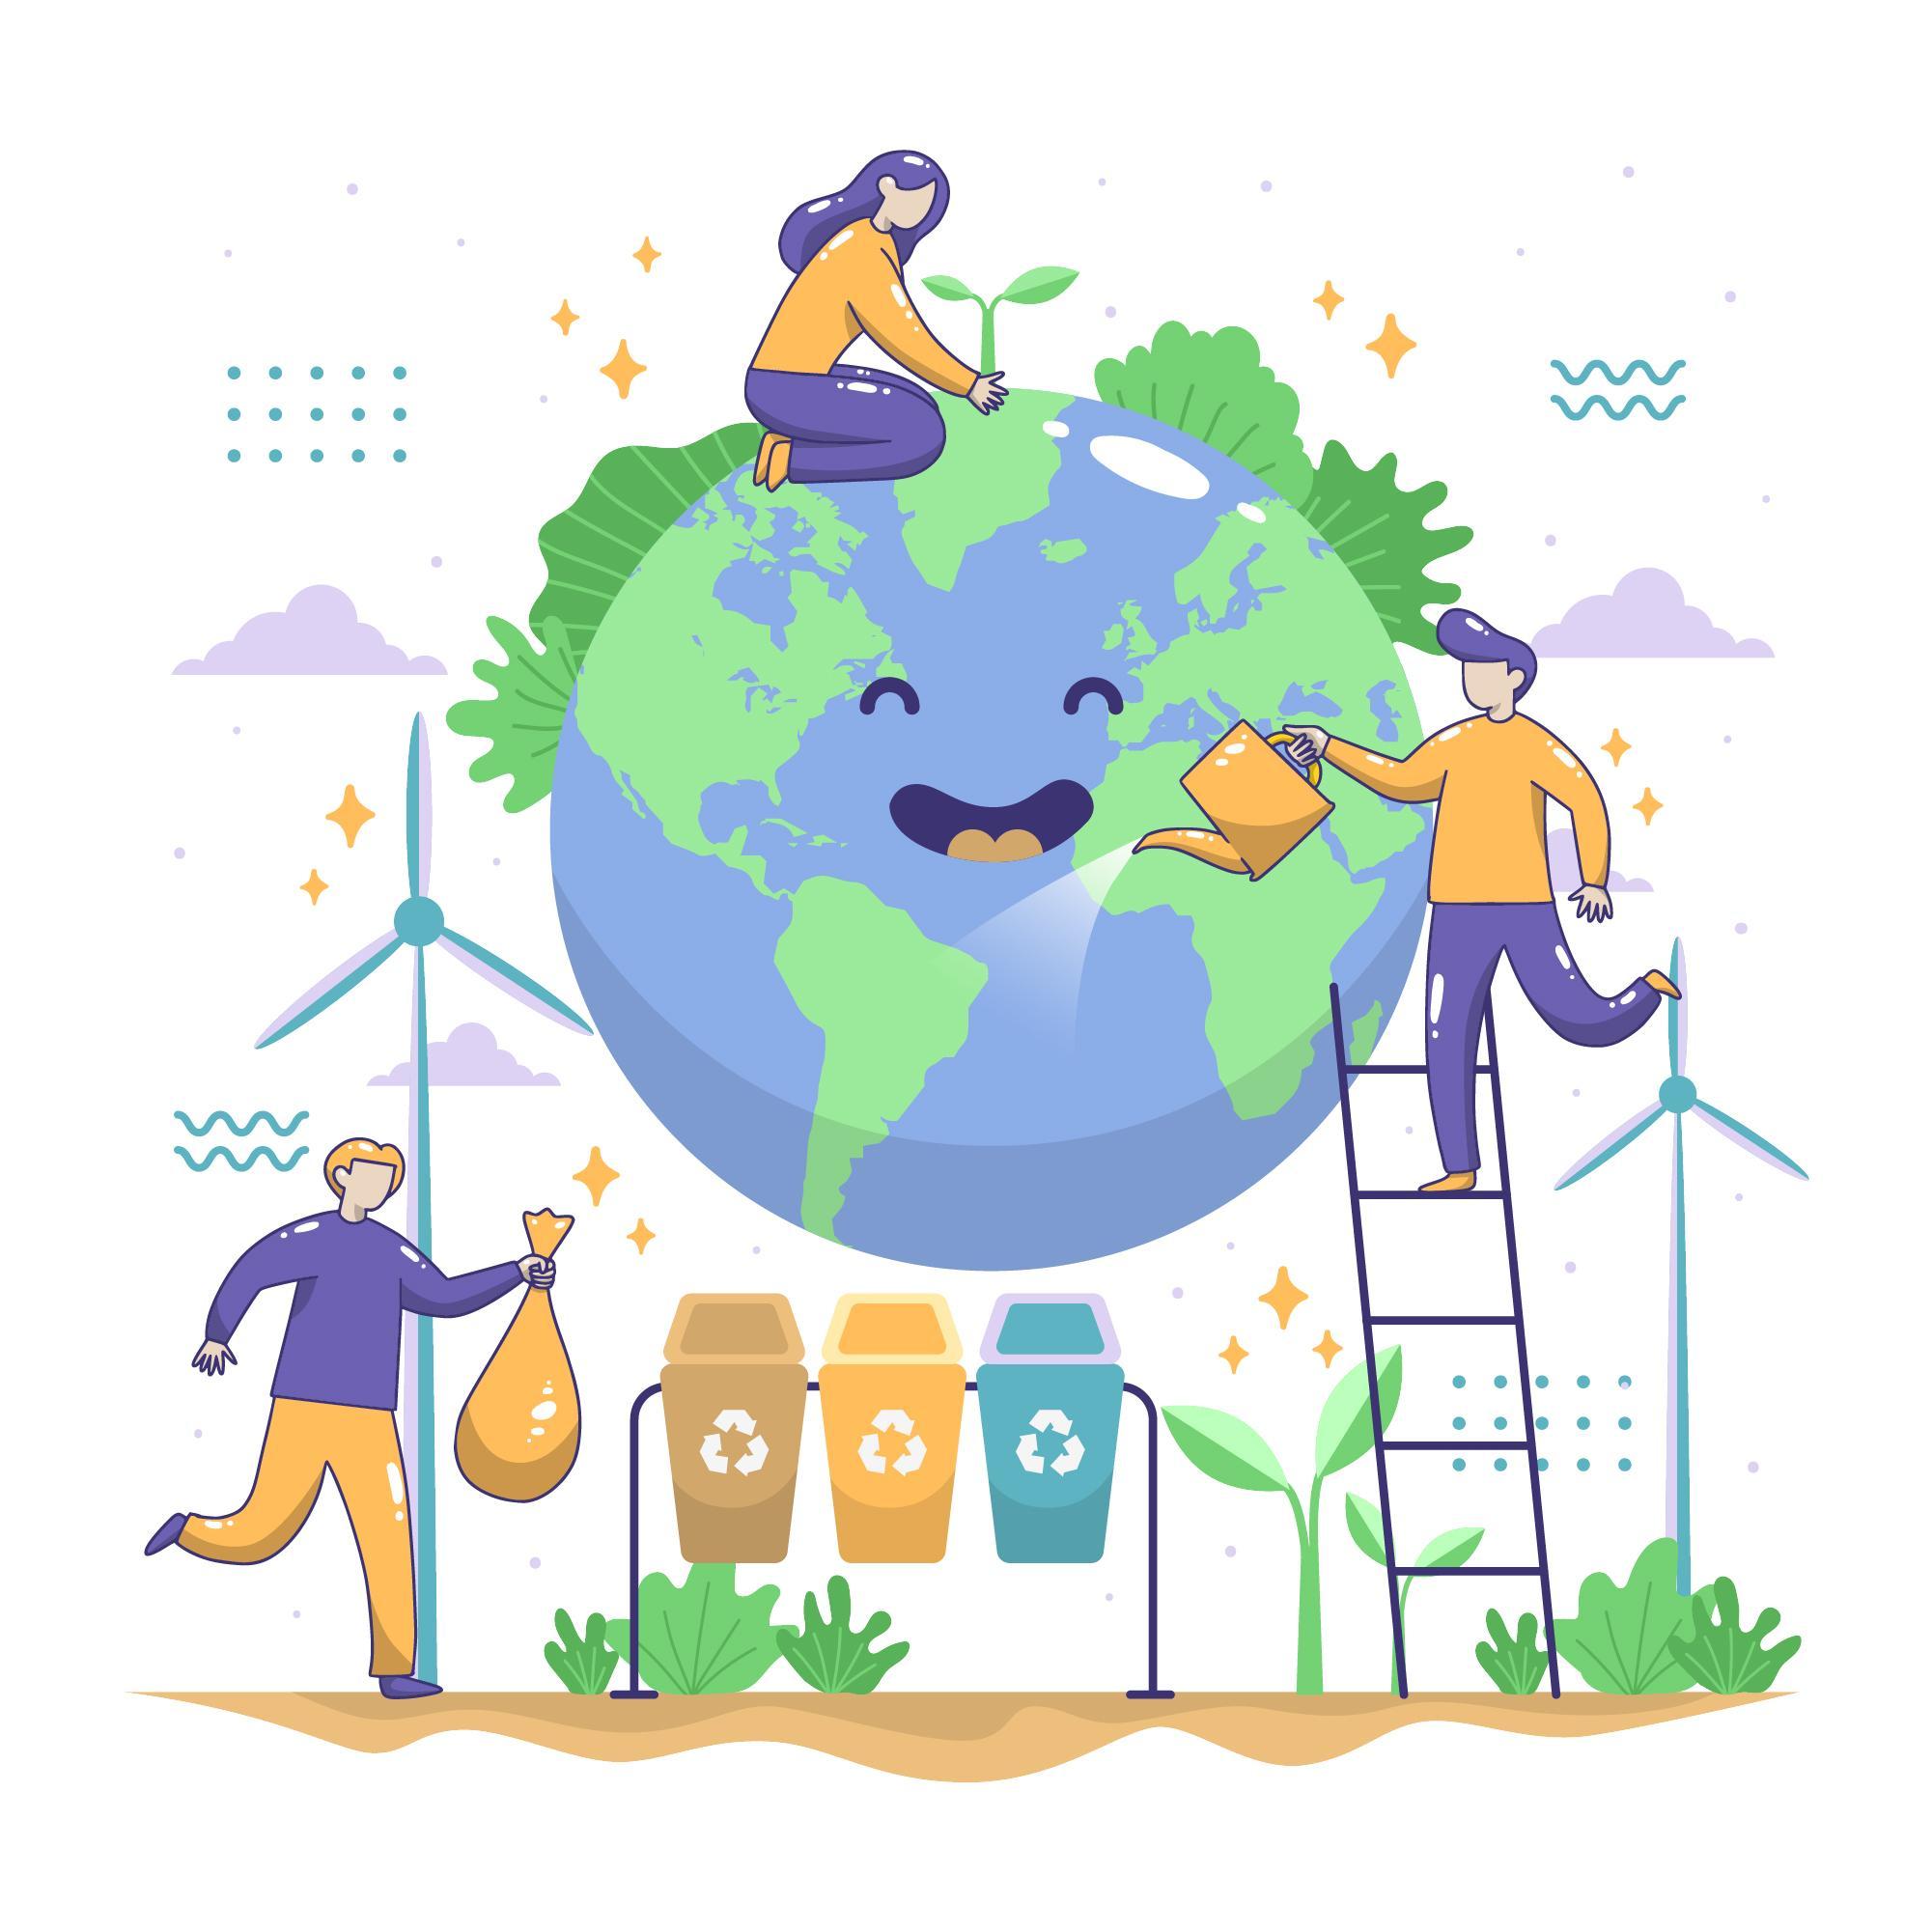 Imagen de personas regando y reciclando en el mundo